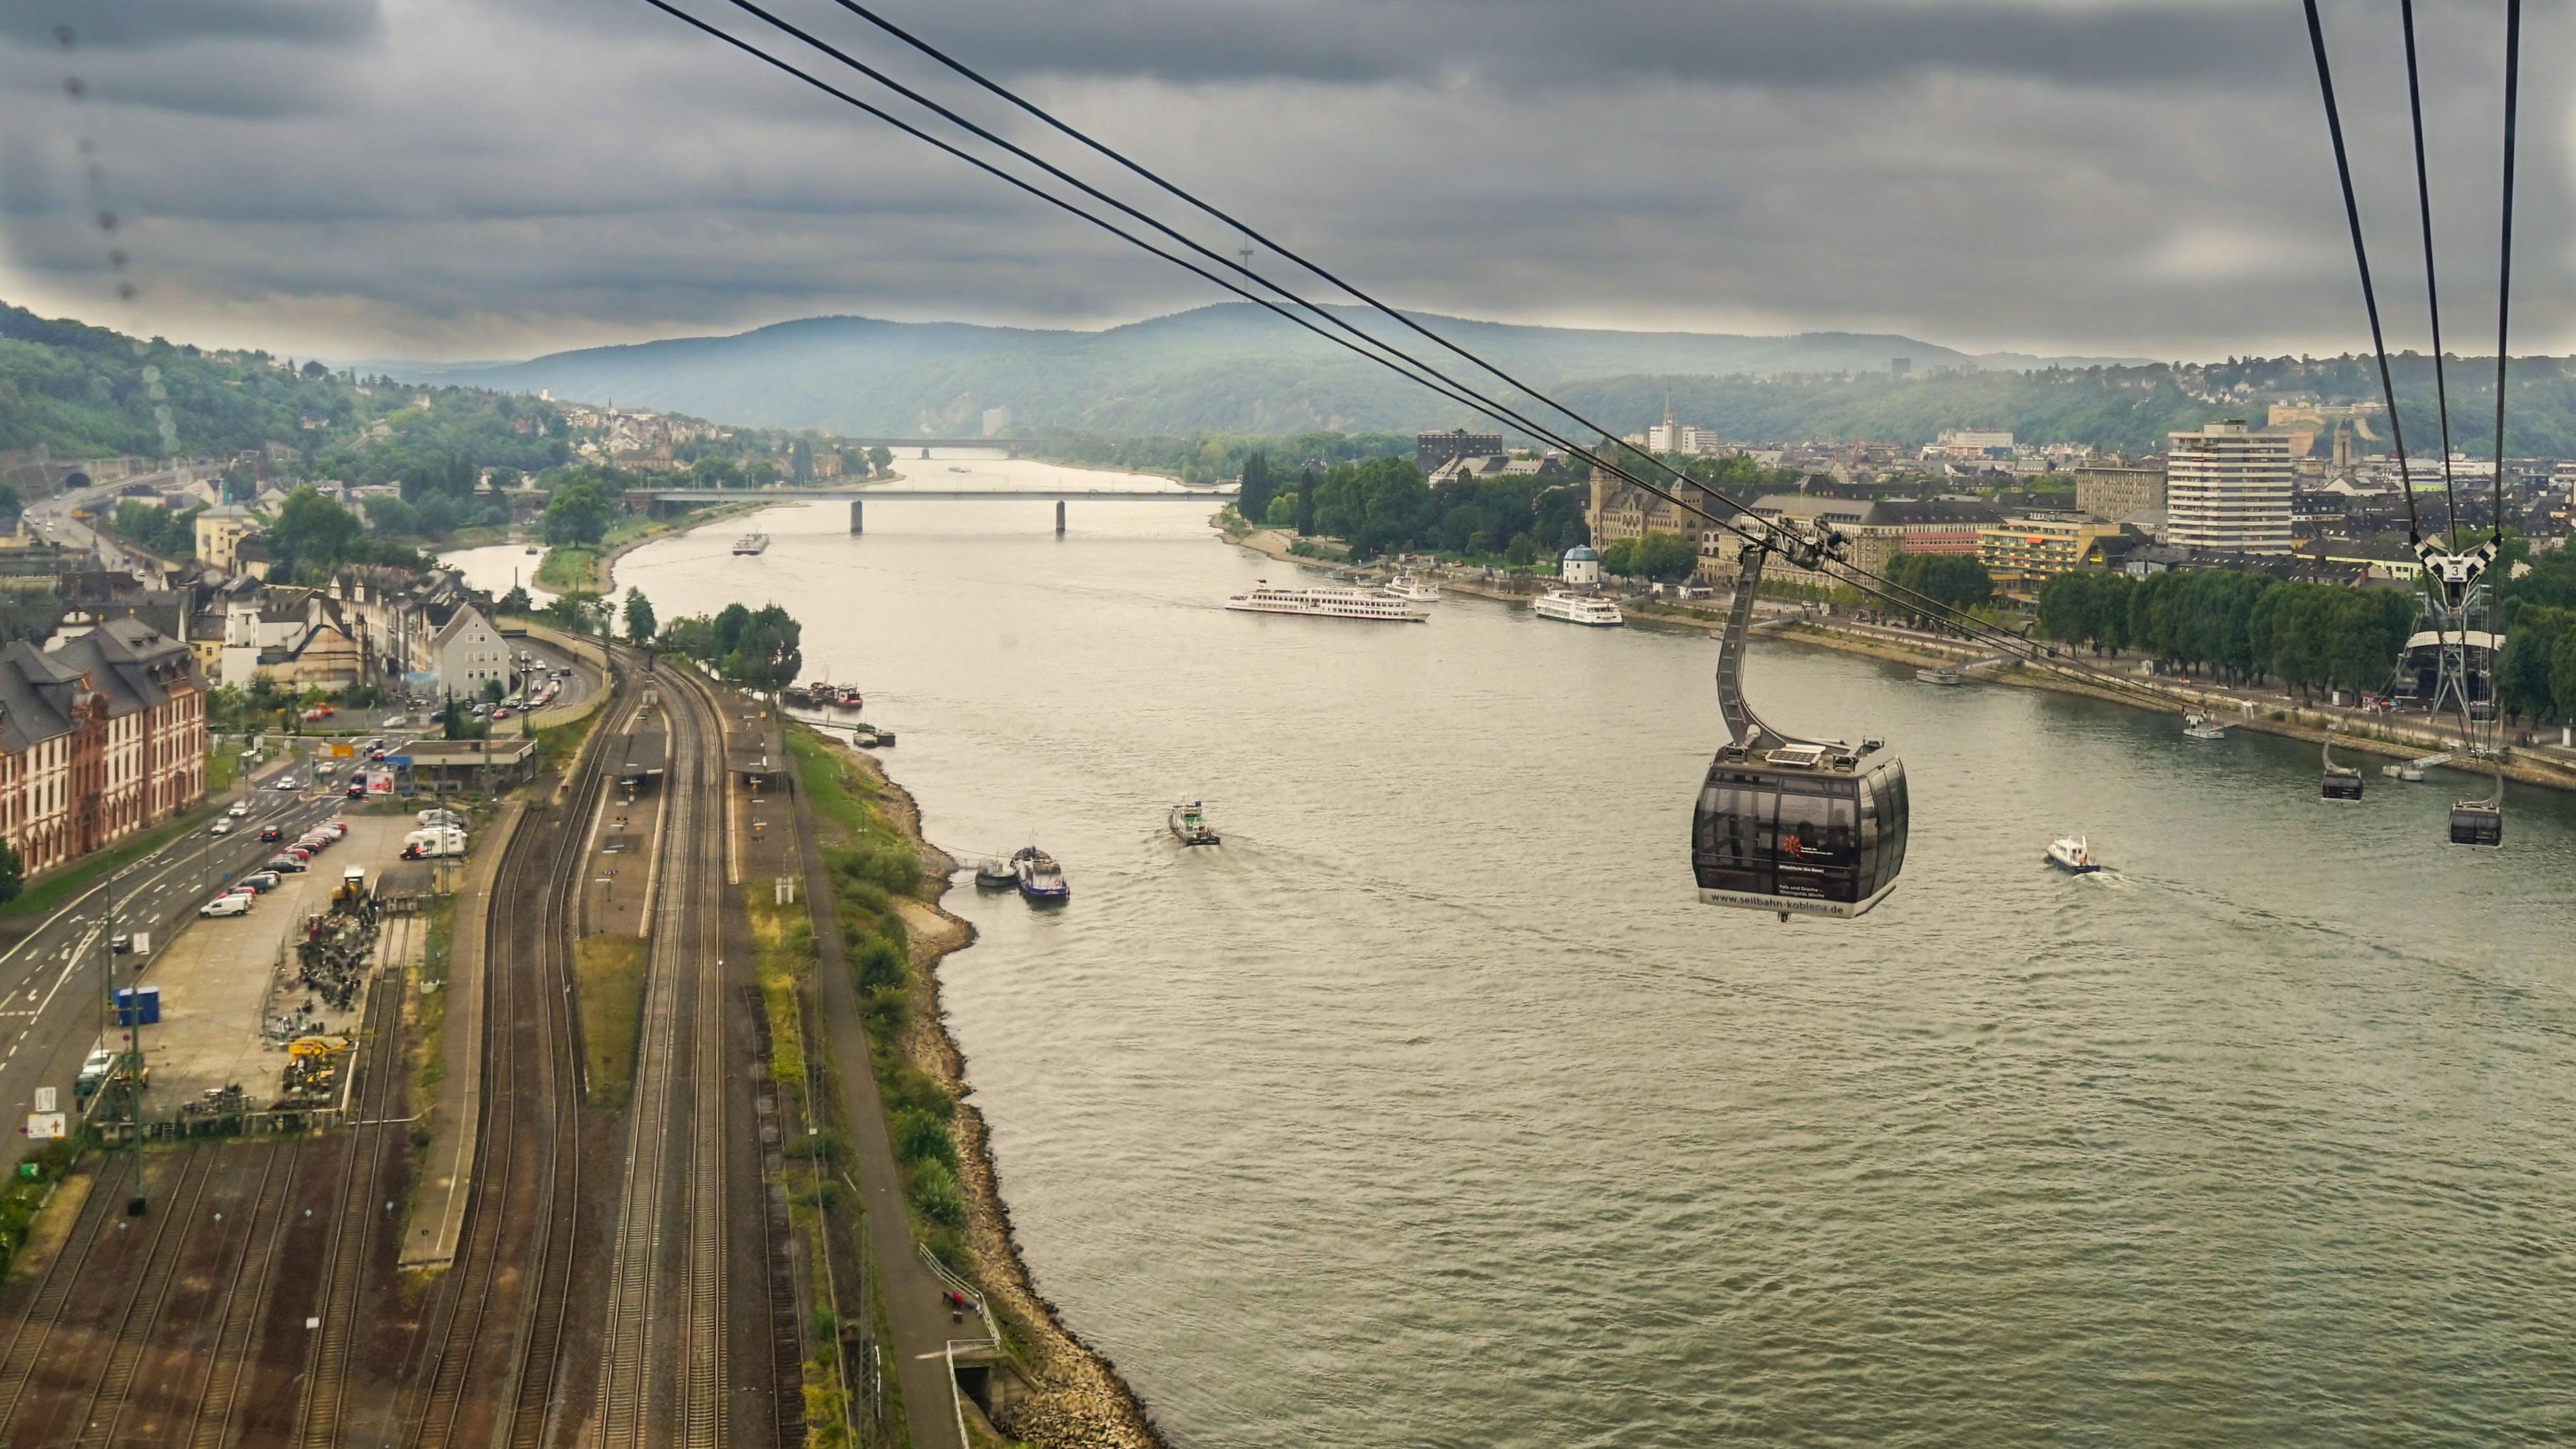 Am Rhein, Koblenz